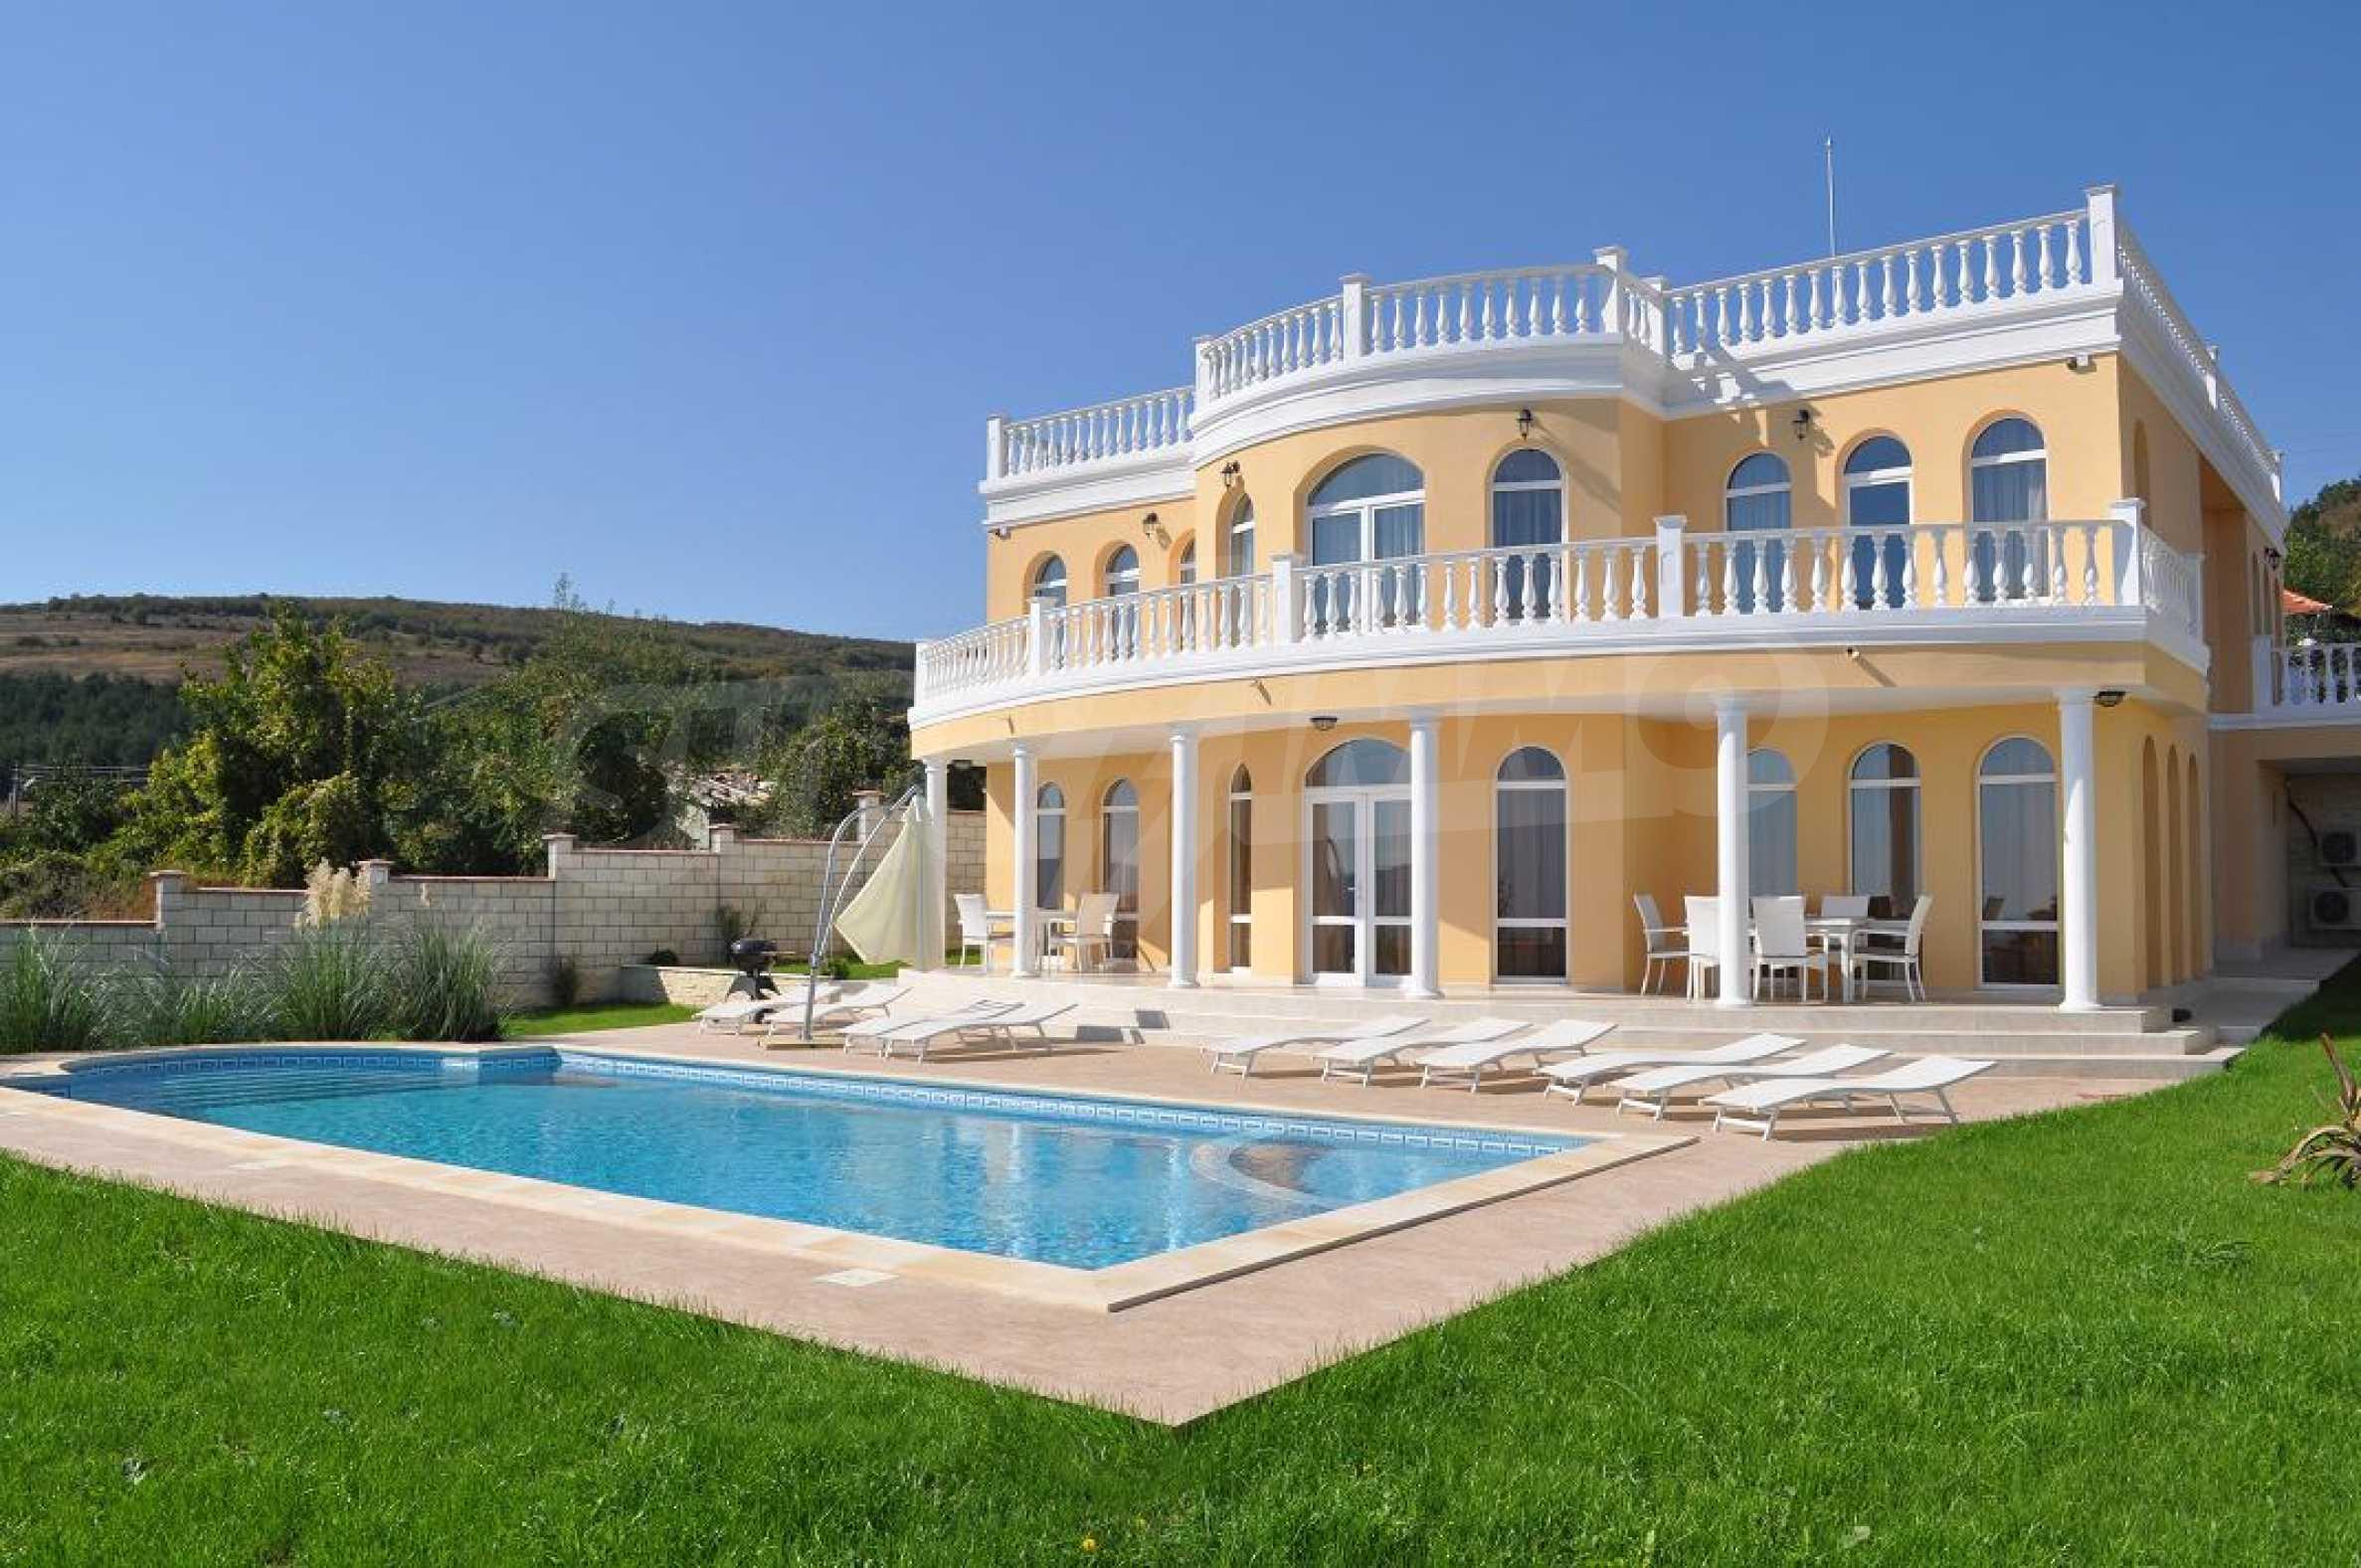 Sinatra Villa